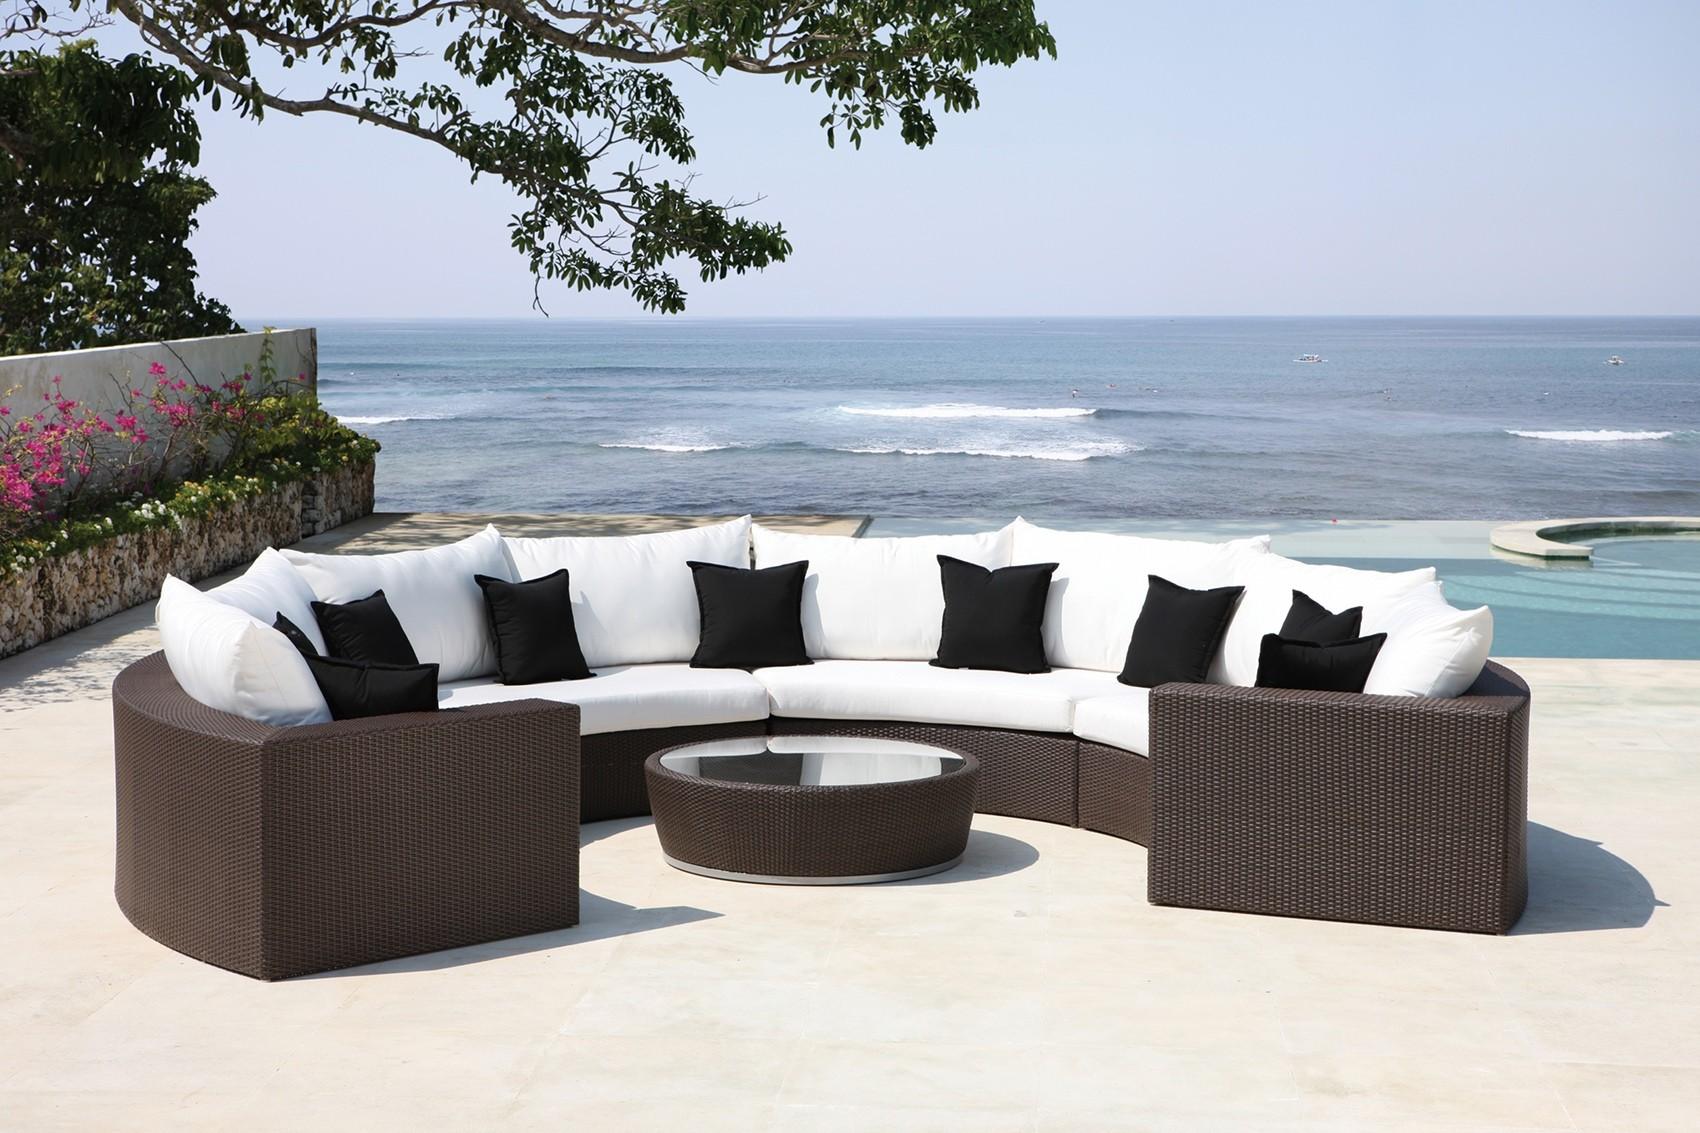 half-moon-sectional-outdoor-furniture-luxury-outdoor-garden-furniture-uk